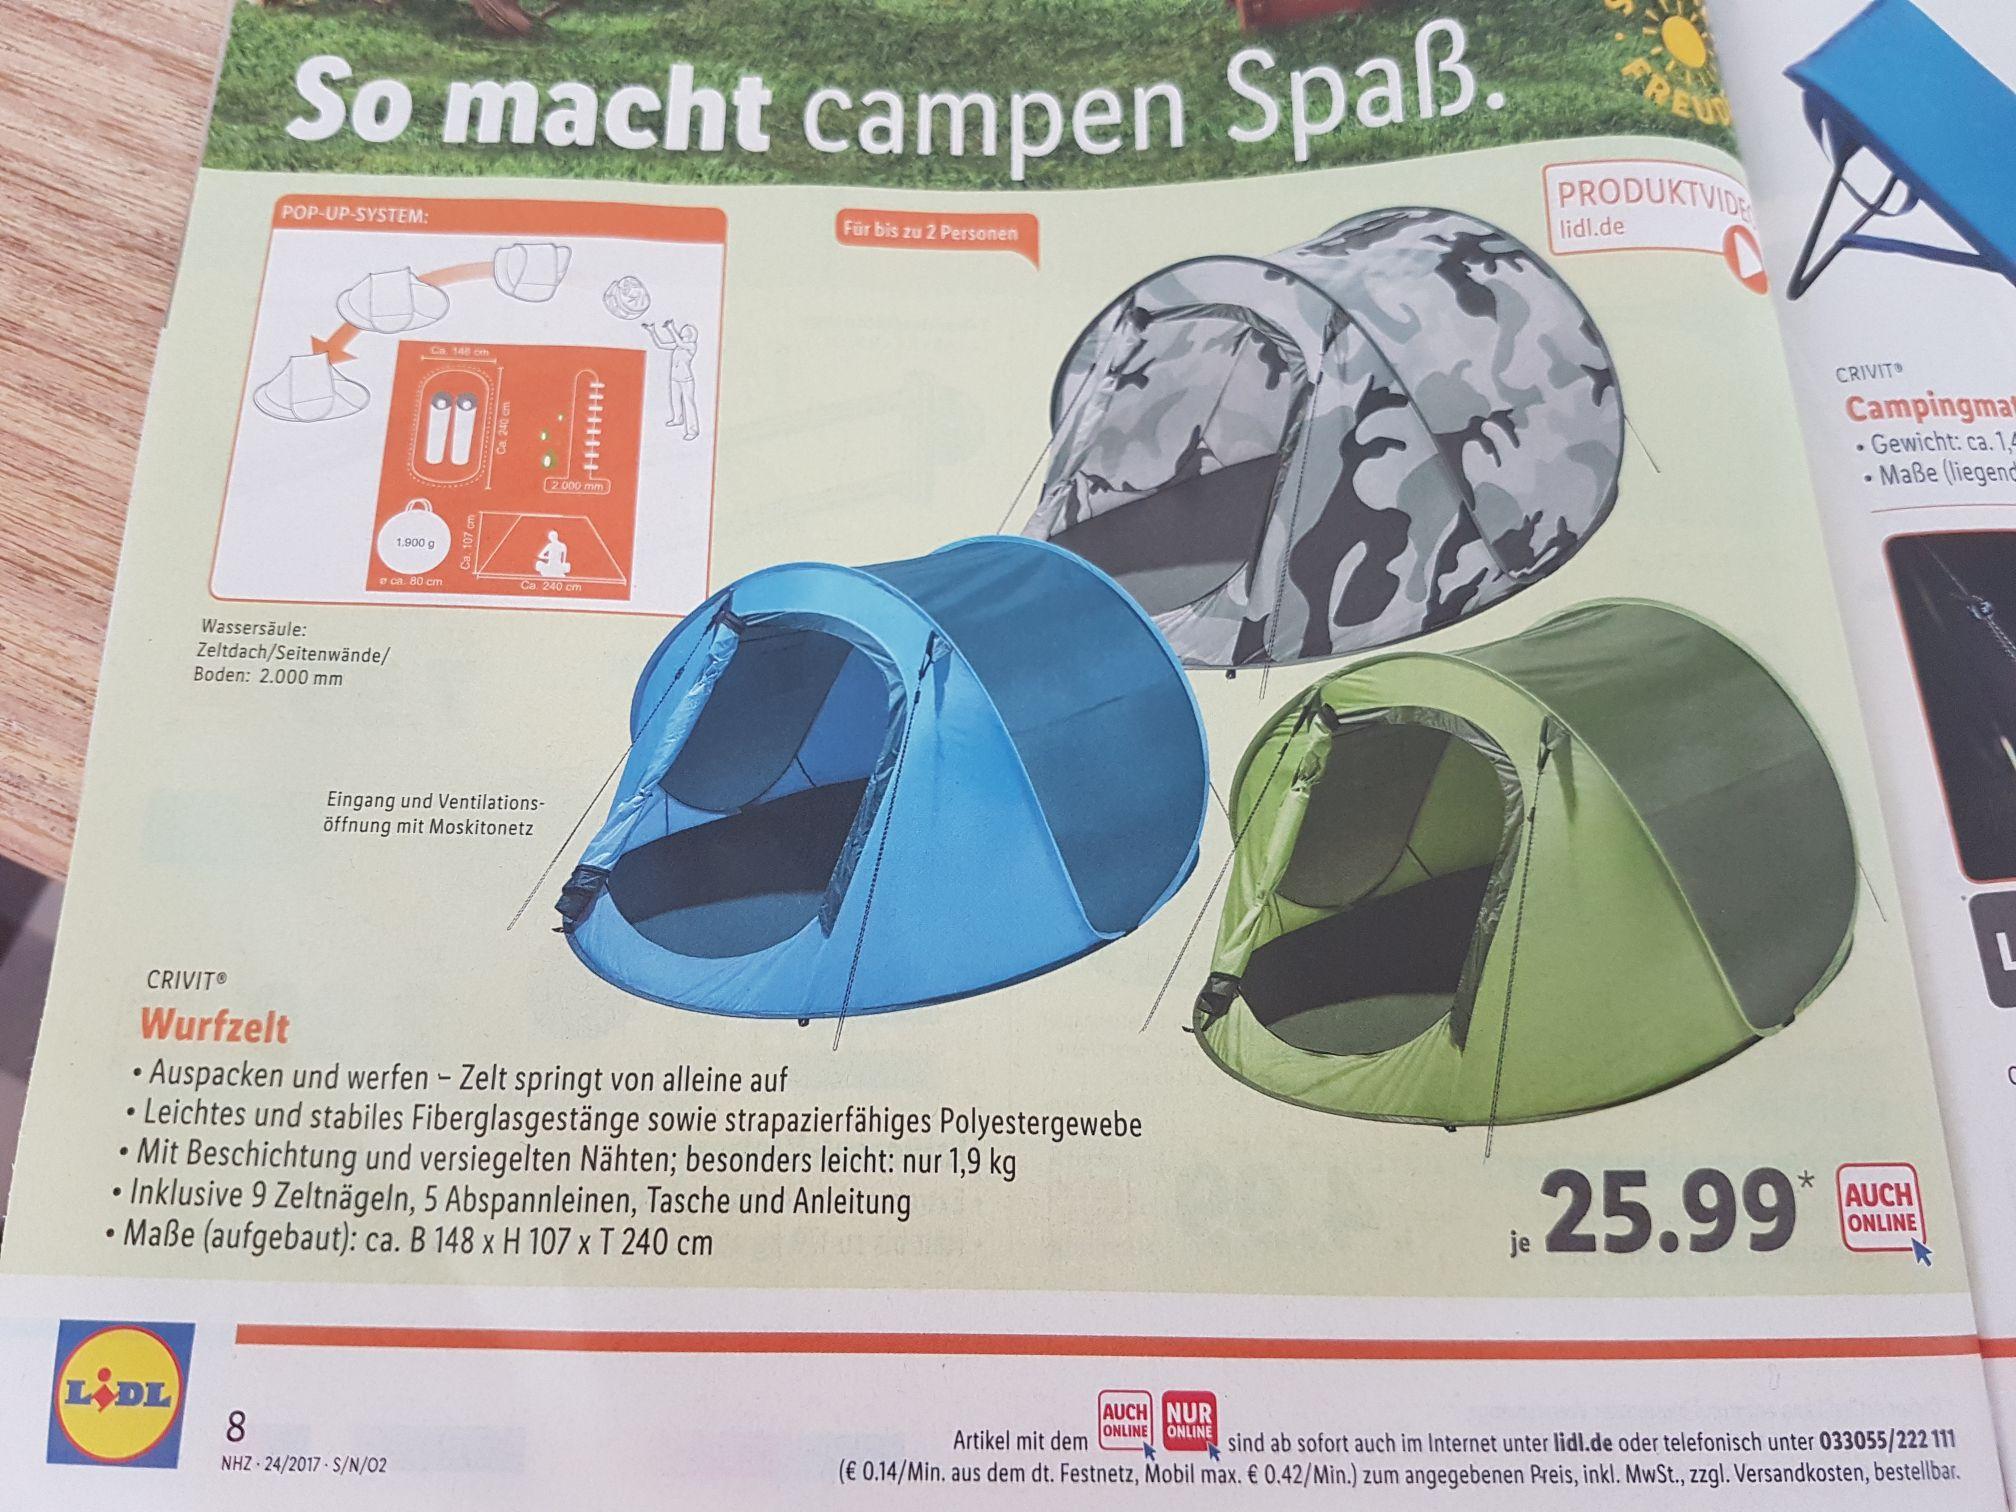 Lidl - Crivit Wurfzelt - drei Farben (auch offline ohne Versandkosten für 25,99€)